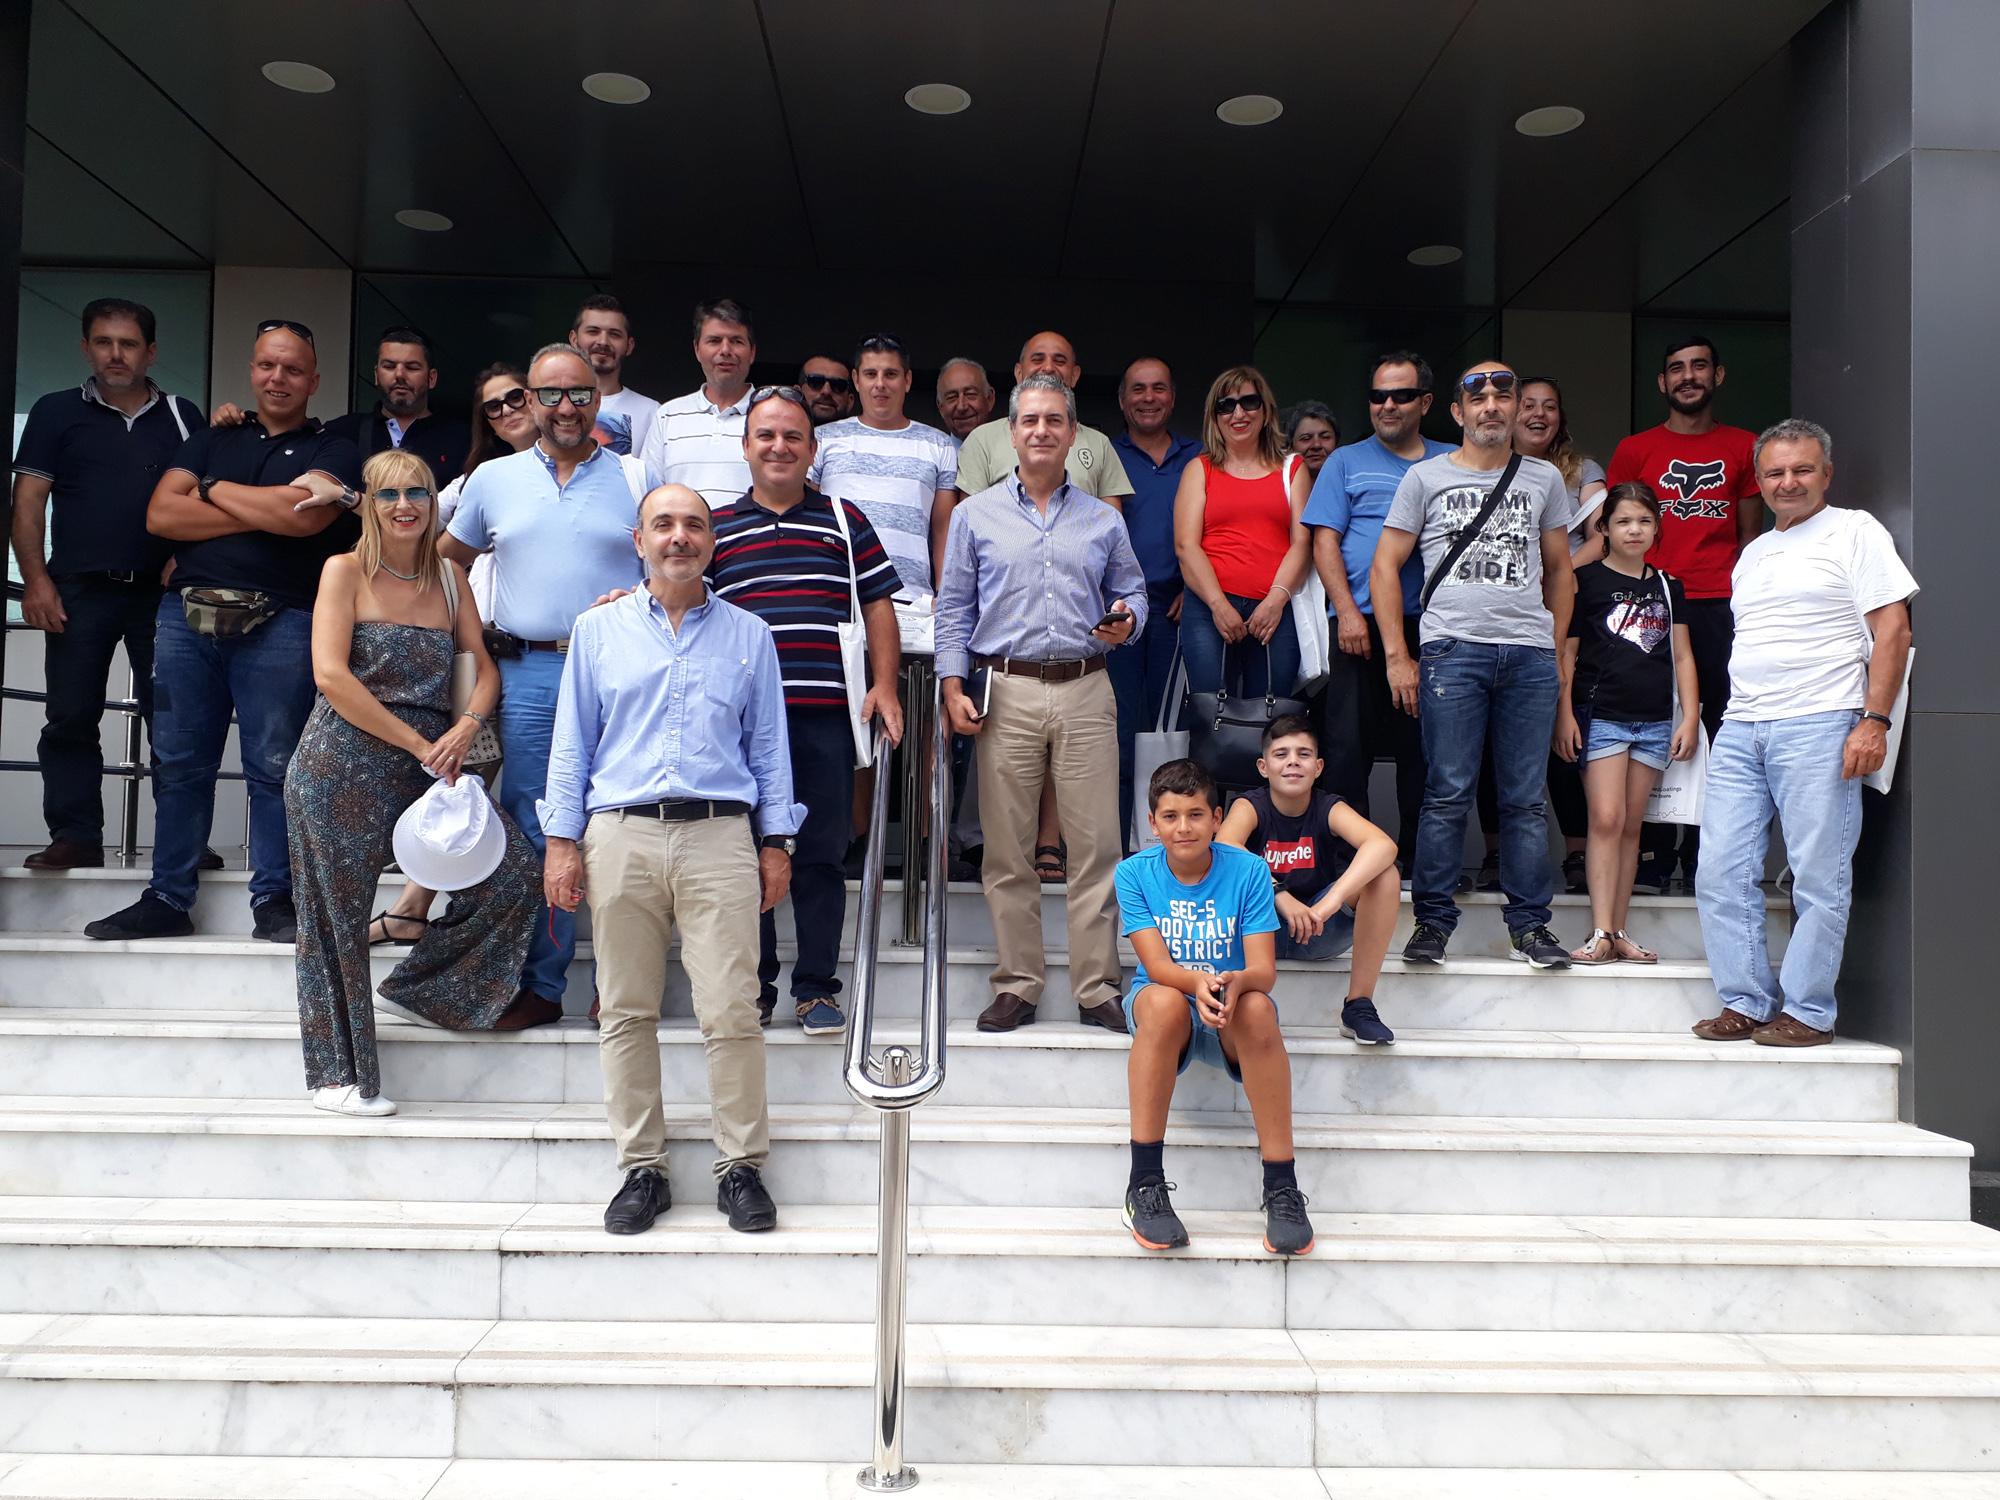 Η Neokem υποδέχτηκε το Σωματείο Μεταλλοκατασκευαστών Ν. Χανίων «Ο Ήφαιστος»